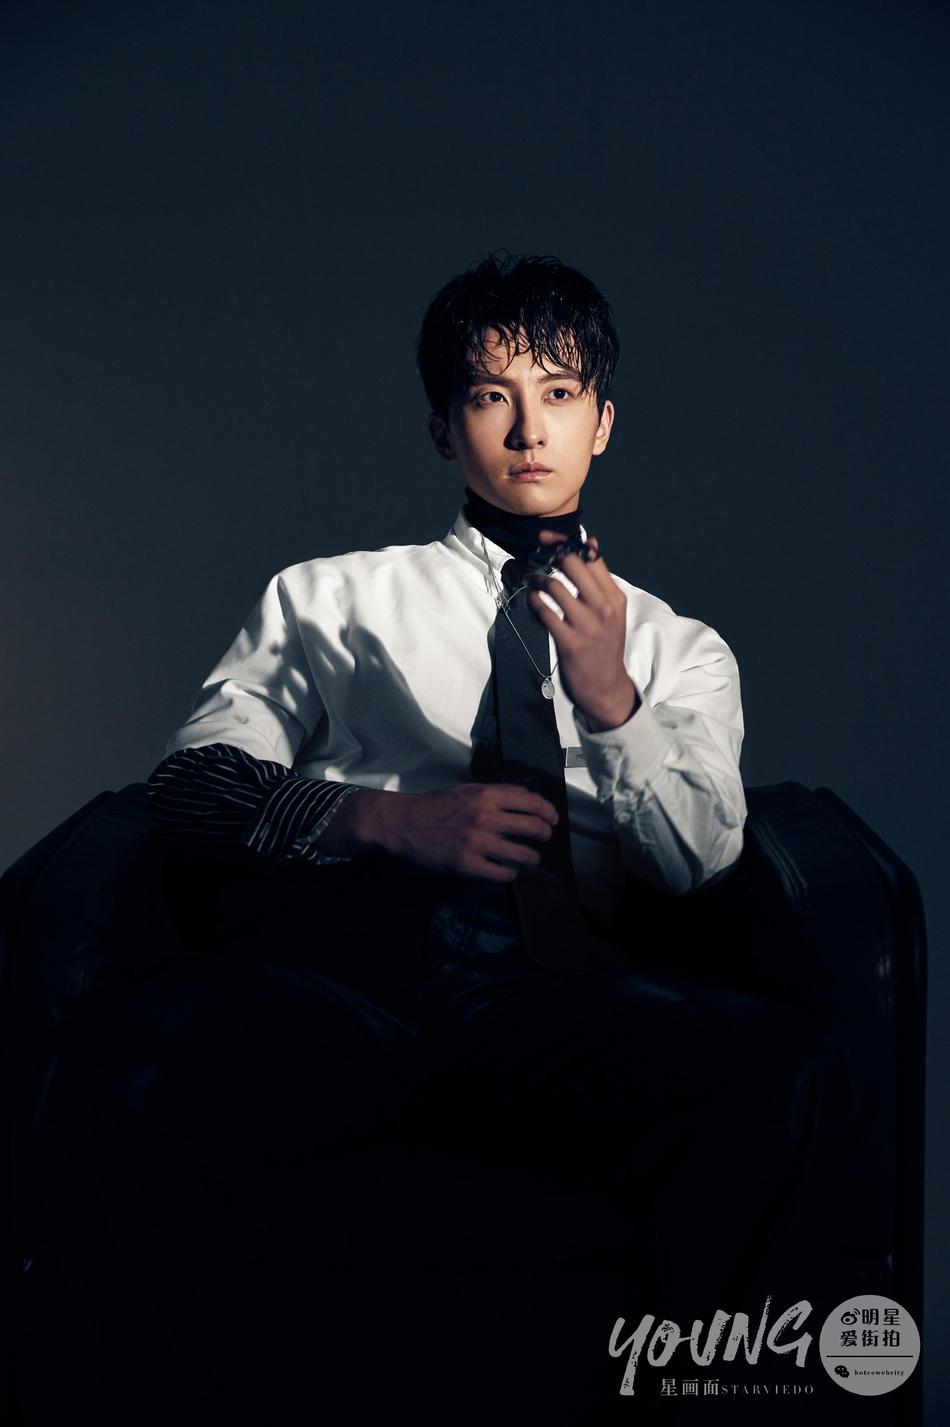 牛骏峰湿发穿白衬衫尽显绅士风格 暗黑背景增添神秘色彩